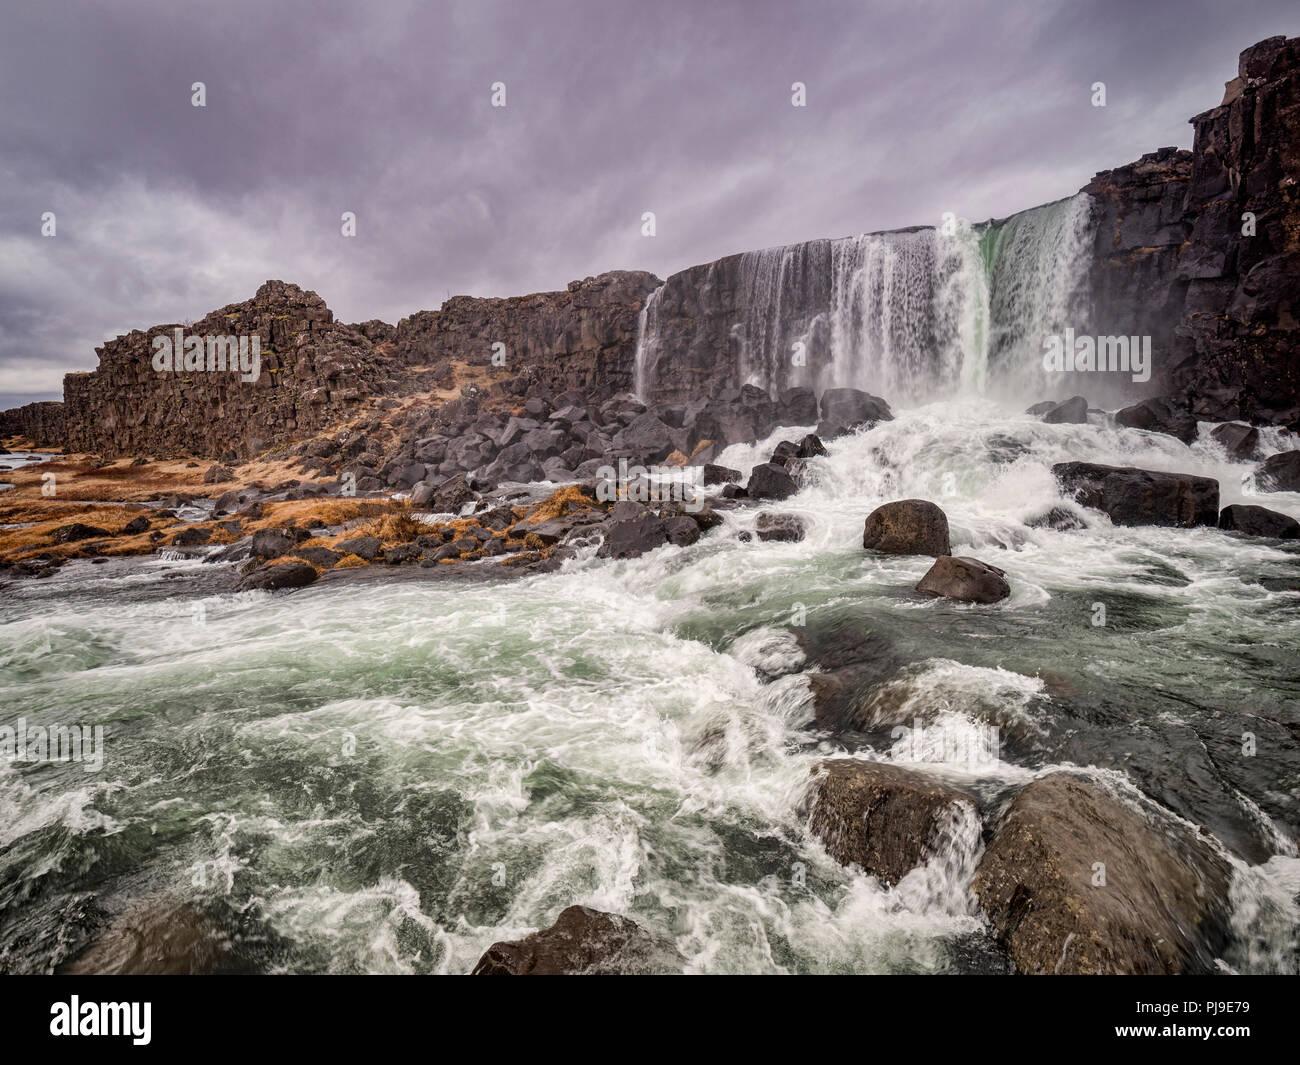 Cascata Oxararfoss a Thingvellir, Islanda, una delle principali attrazioni il Golden Circle itinerario turistico. Immagini Stock